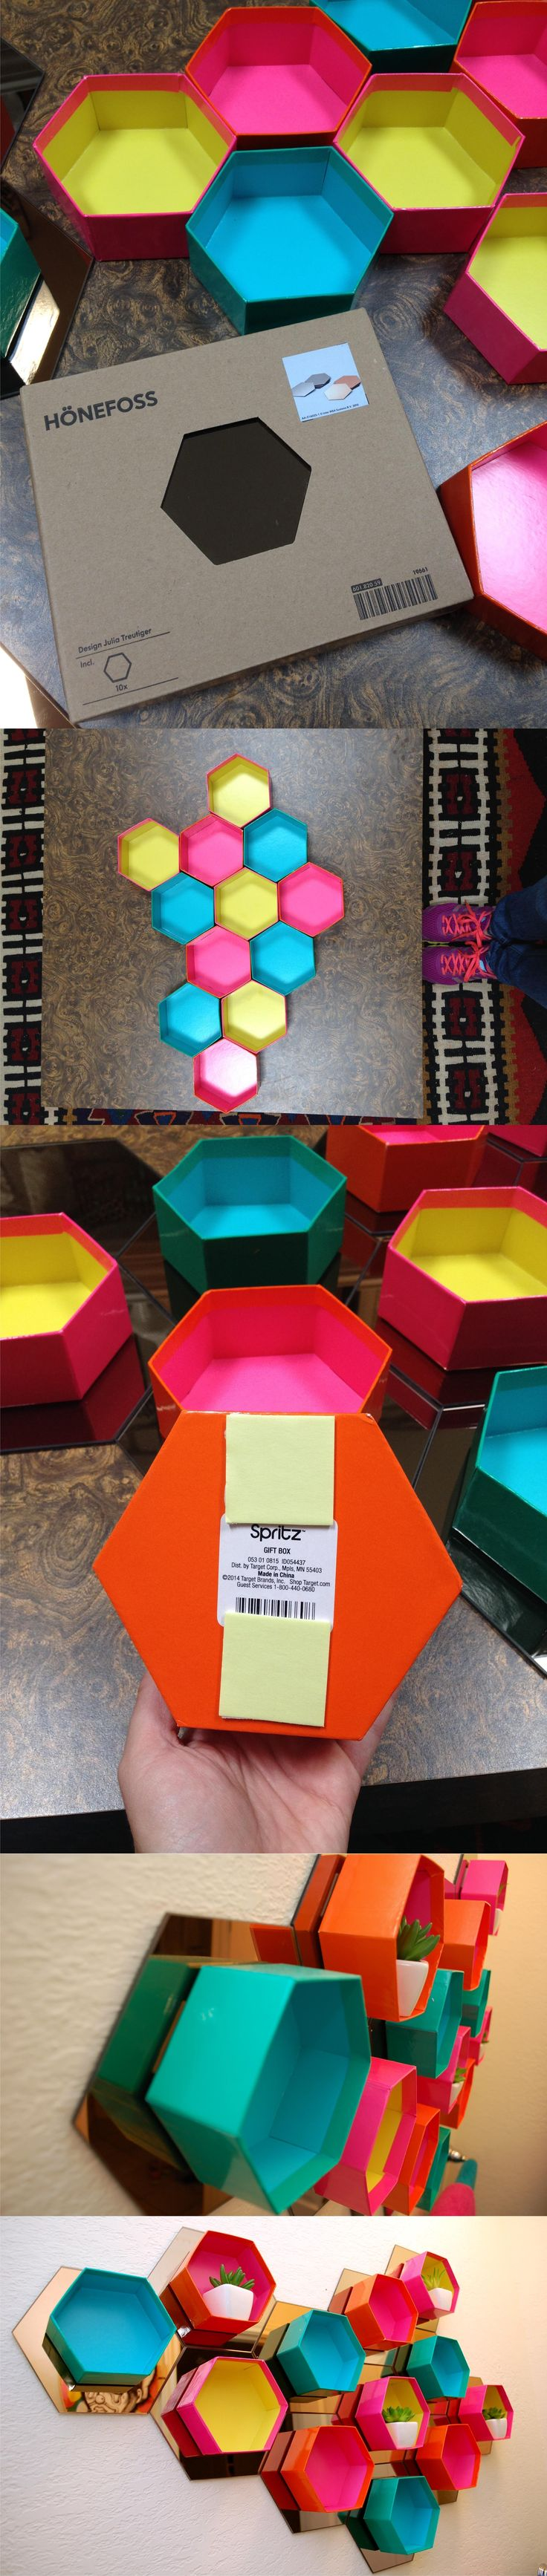 Estantería hexagonal con cajas y espejos - jenniferperkins.com - DIY Easy Hexagonal Shelves